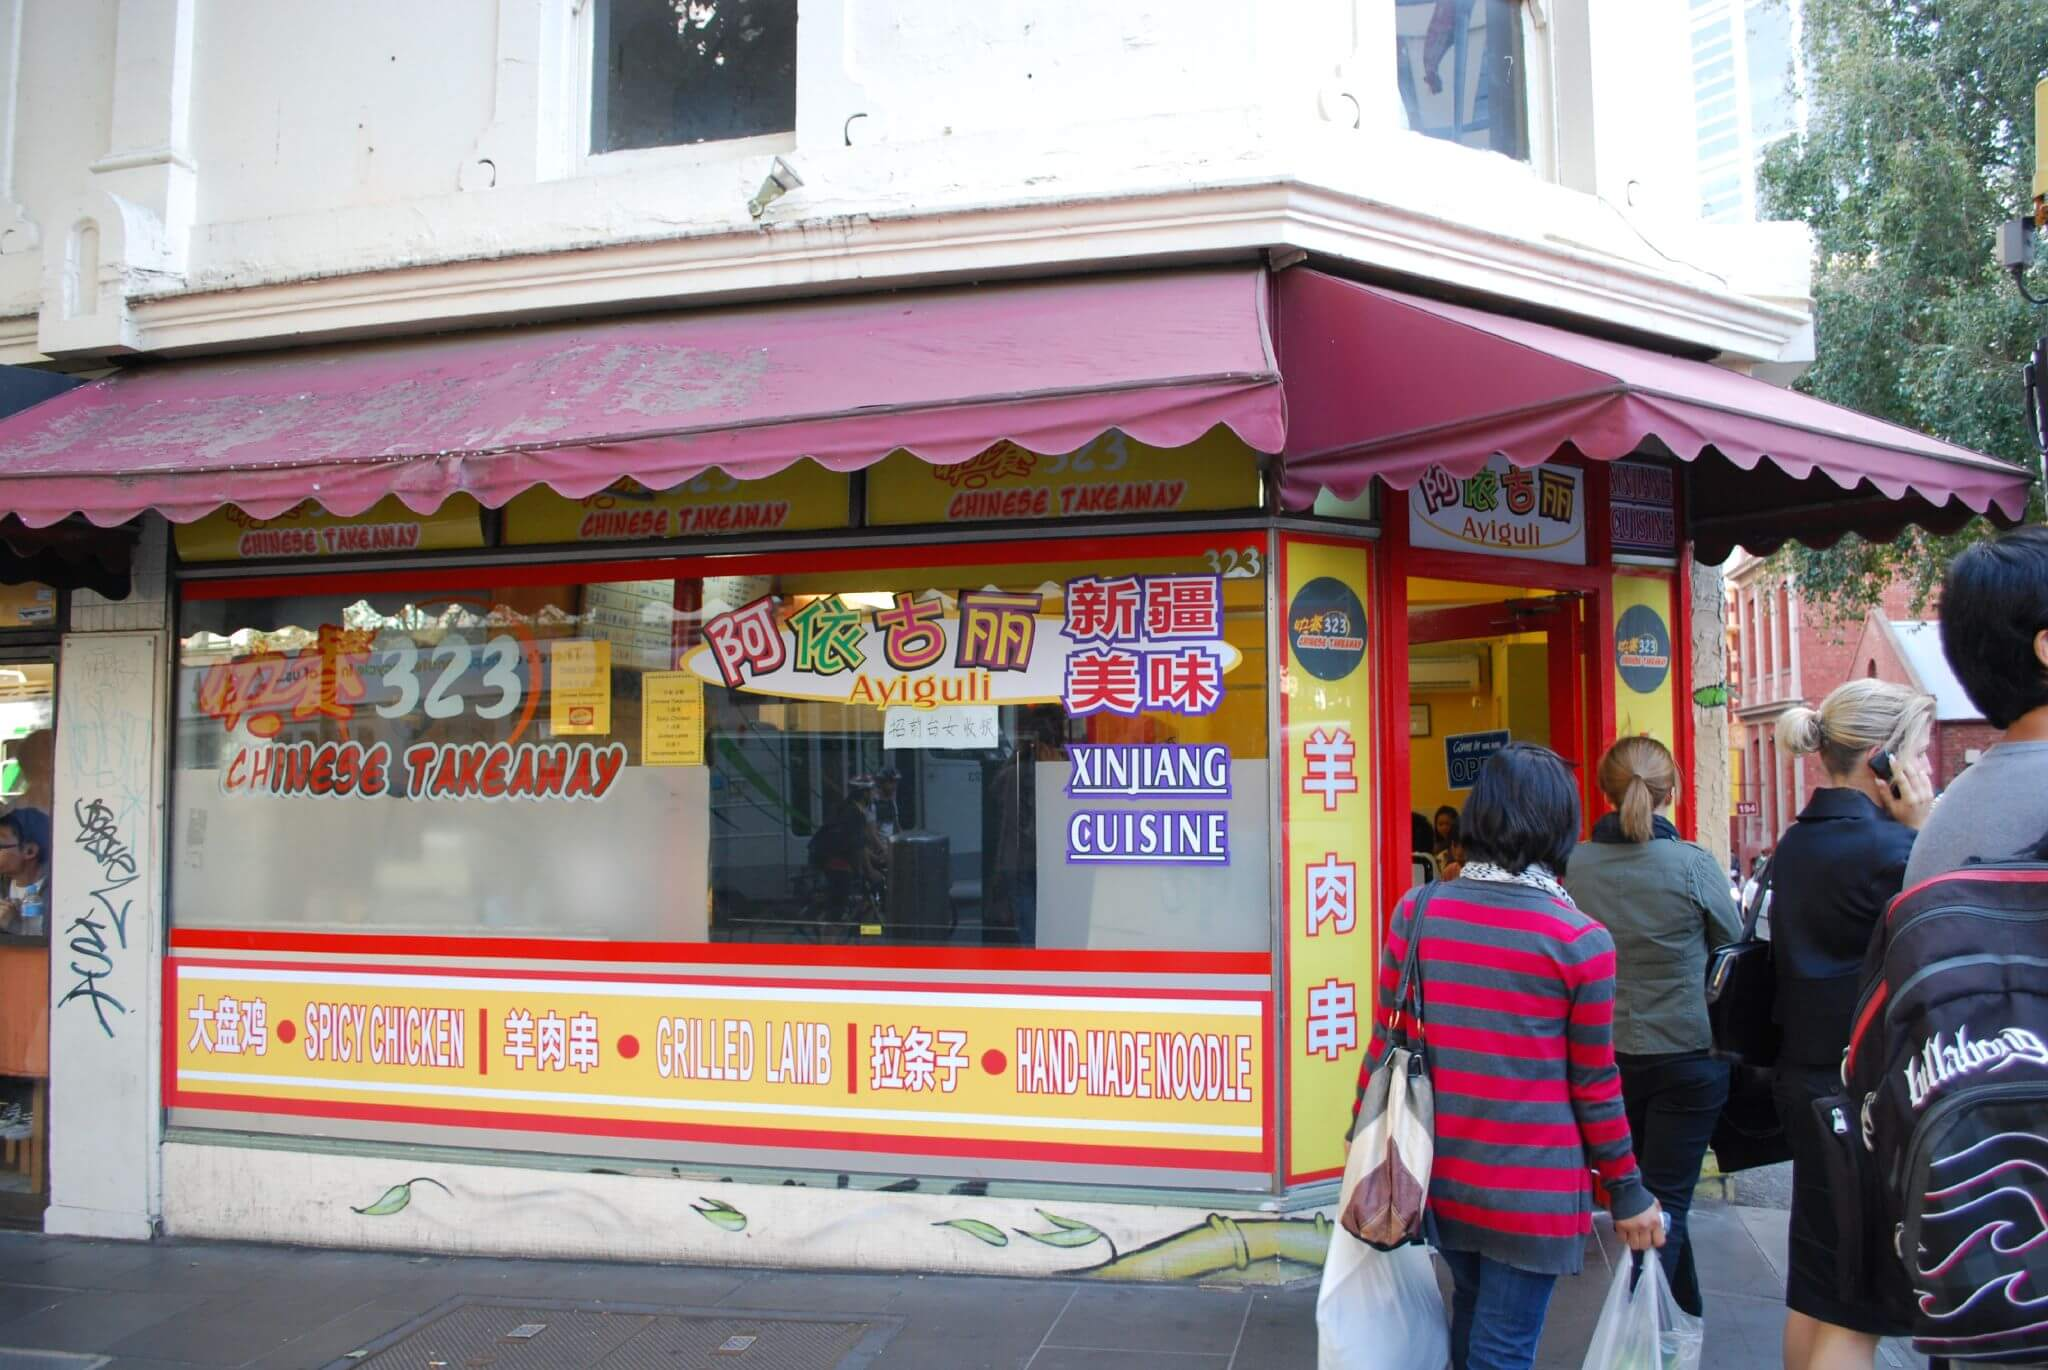 Pillole di Mobile Marketing: l'hamburger di Giosuè